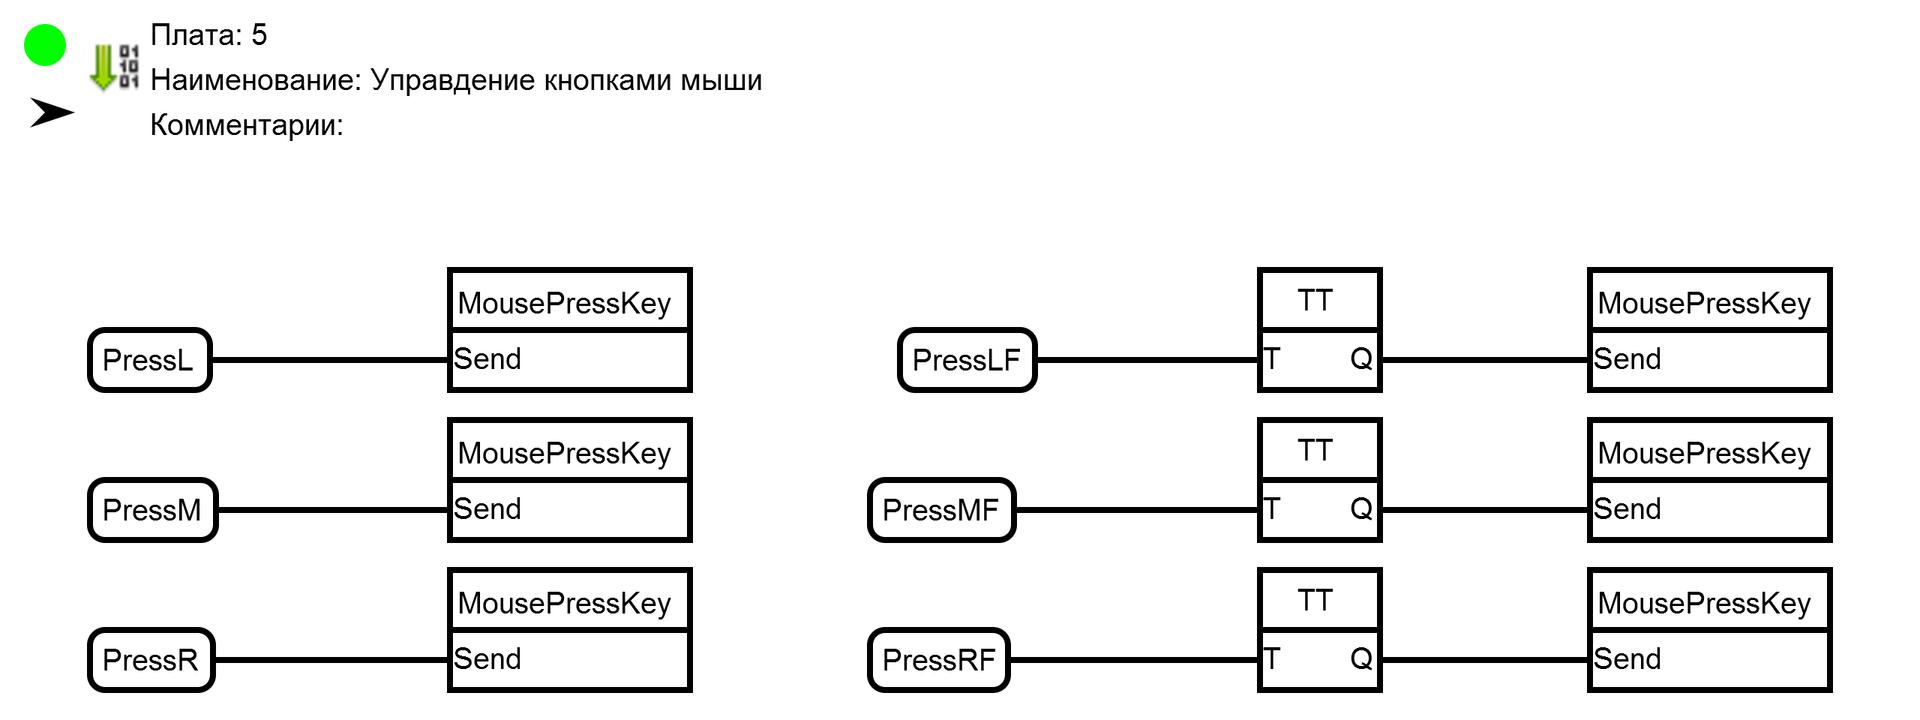 FLProg + RemoteXY=Беспроводная клавиатура для компьютера на Вашем телефоне - 11